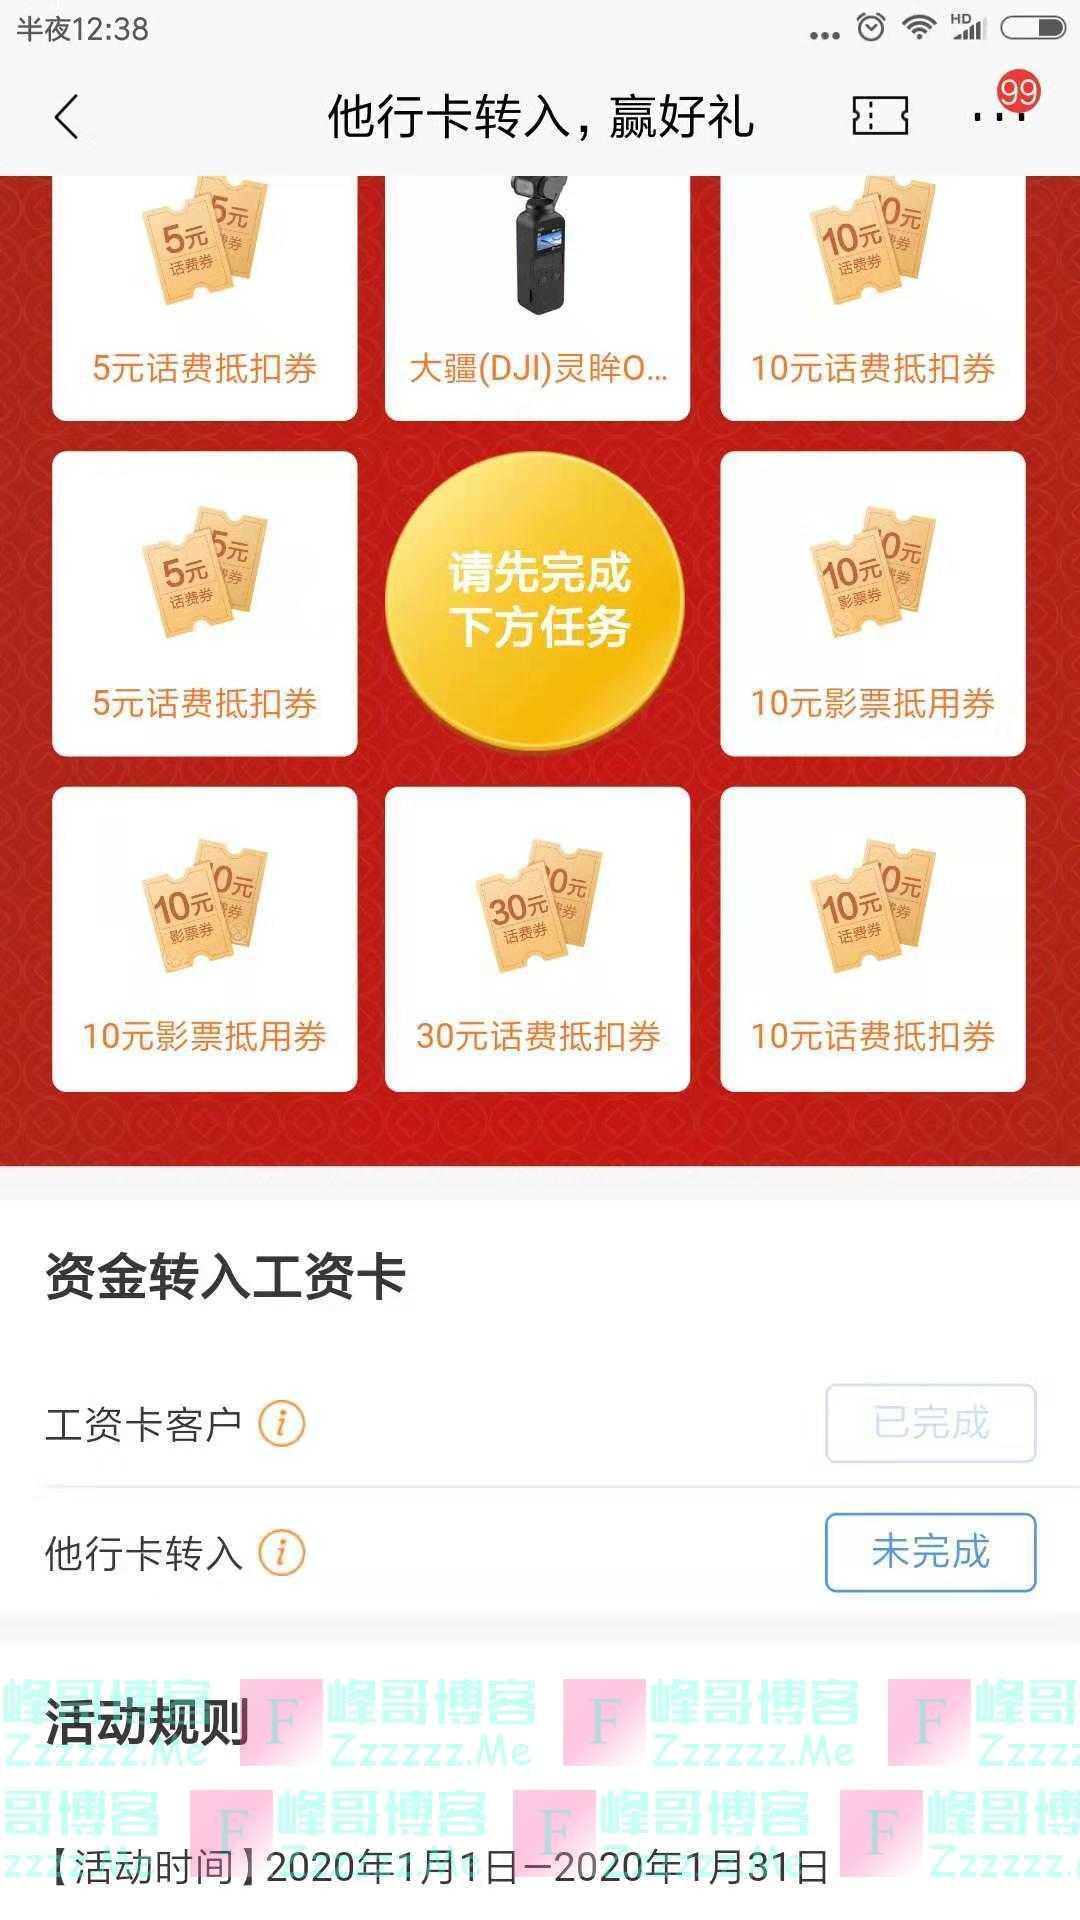 招行1月他行卡转入赢好礼(截止1月31日)